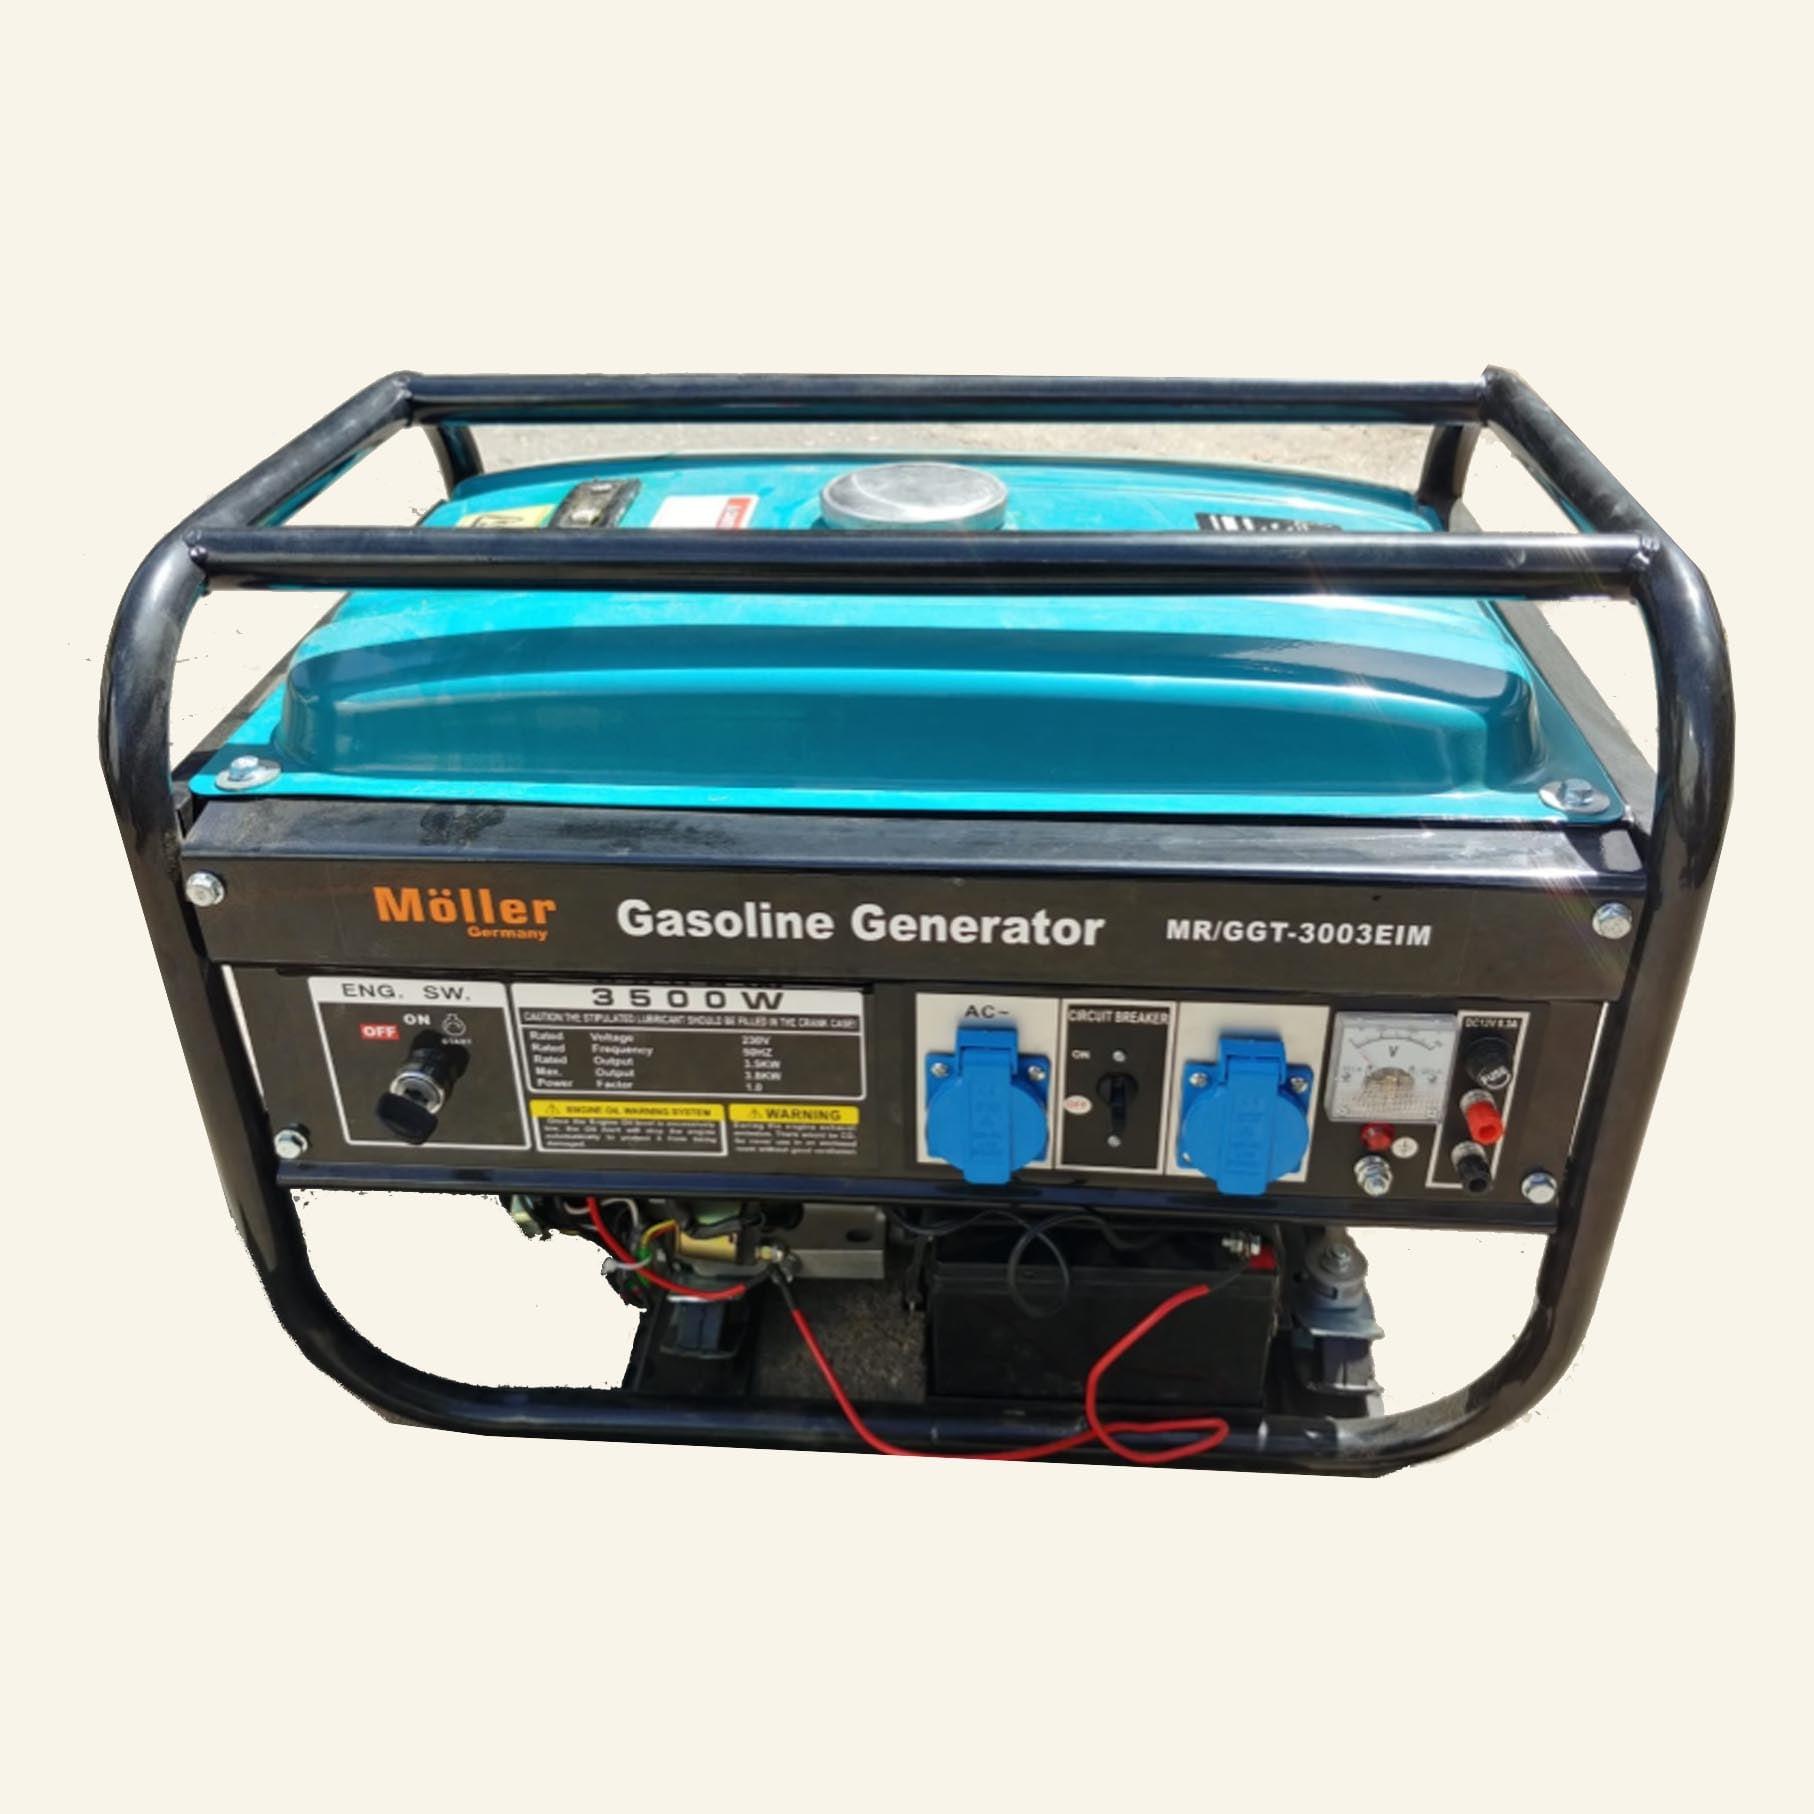 גנרטור מנוע בנזין  3500W התנעה חשמלית חד-פאזי מבית MOLLER GERMANY